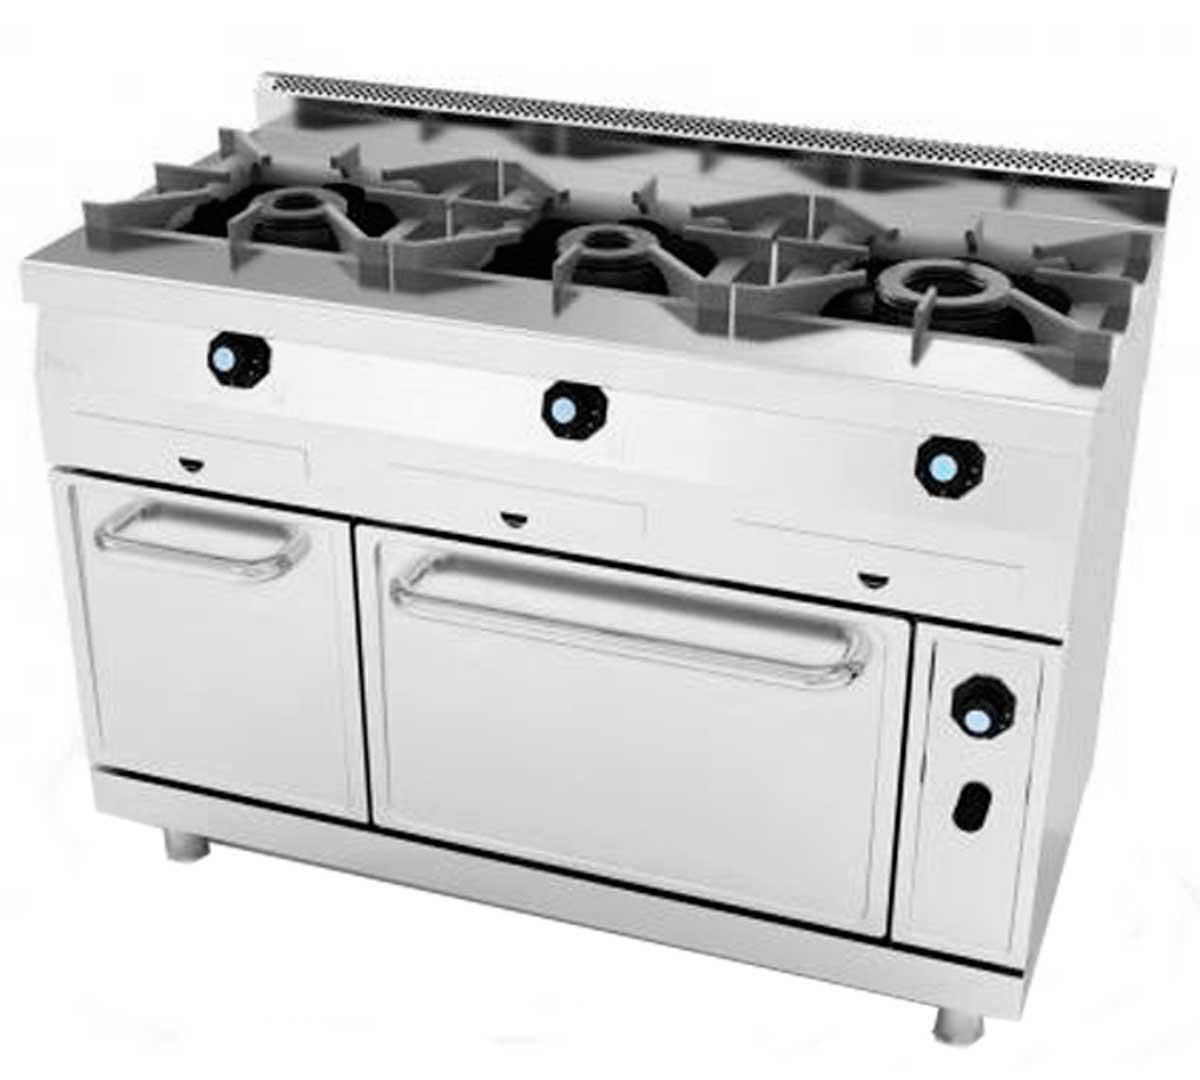 Cocina serie 600 gas horno de jemi for Horno con fogones